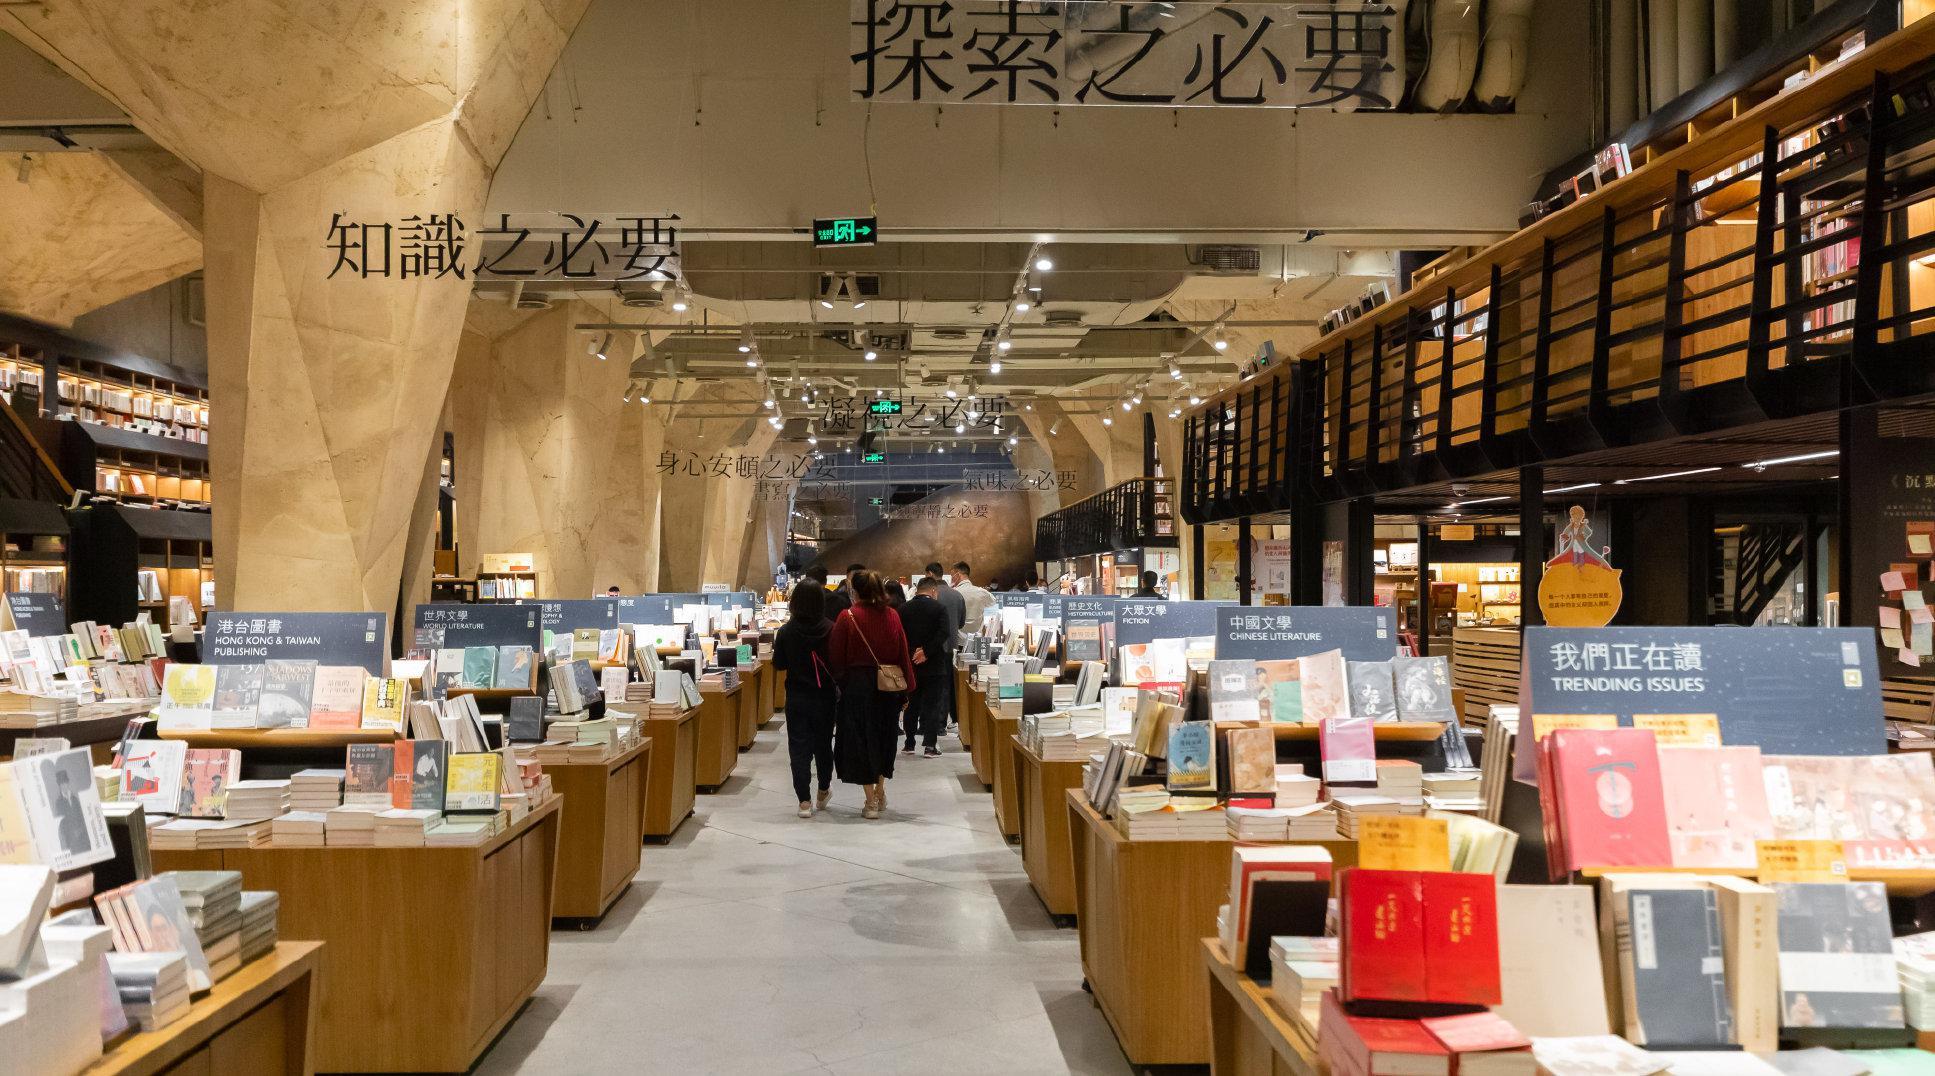 世界城市书店沙龙举行 专家学者共同探讨未来书店之路